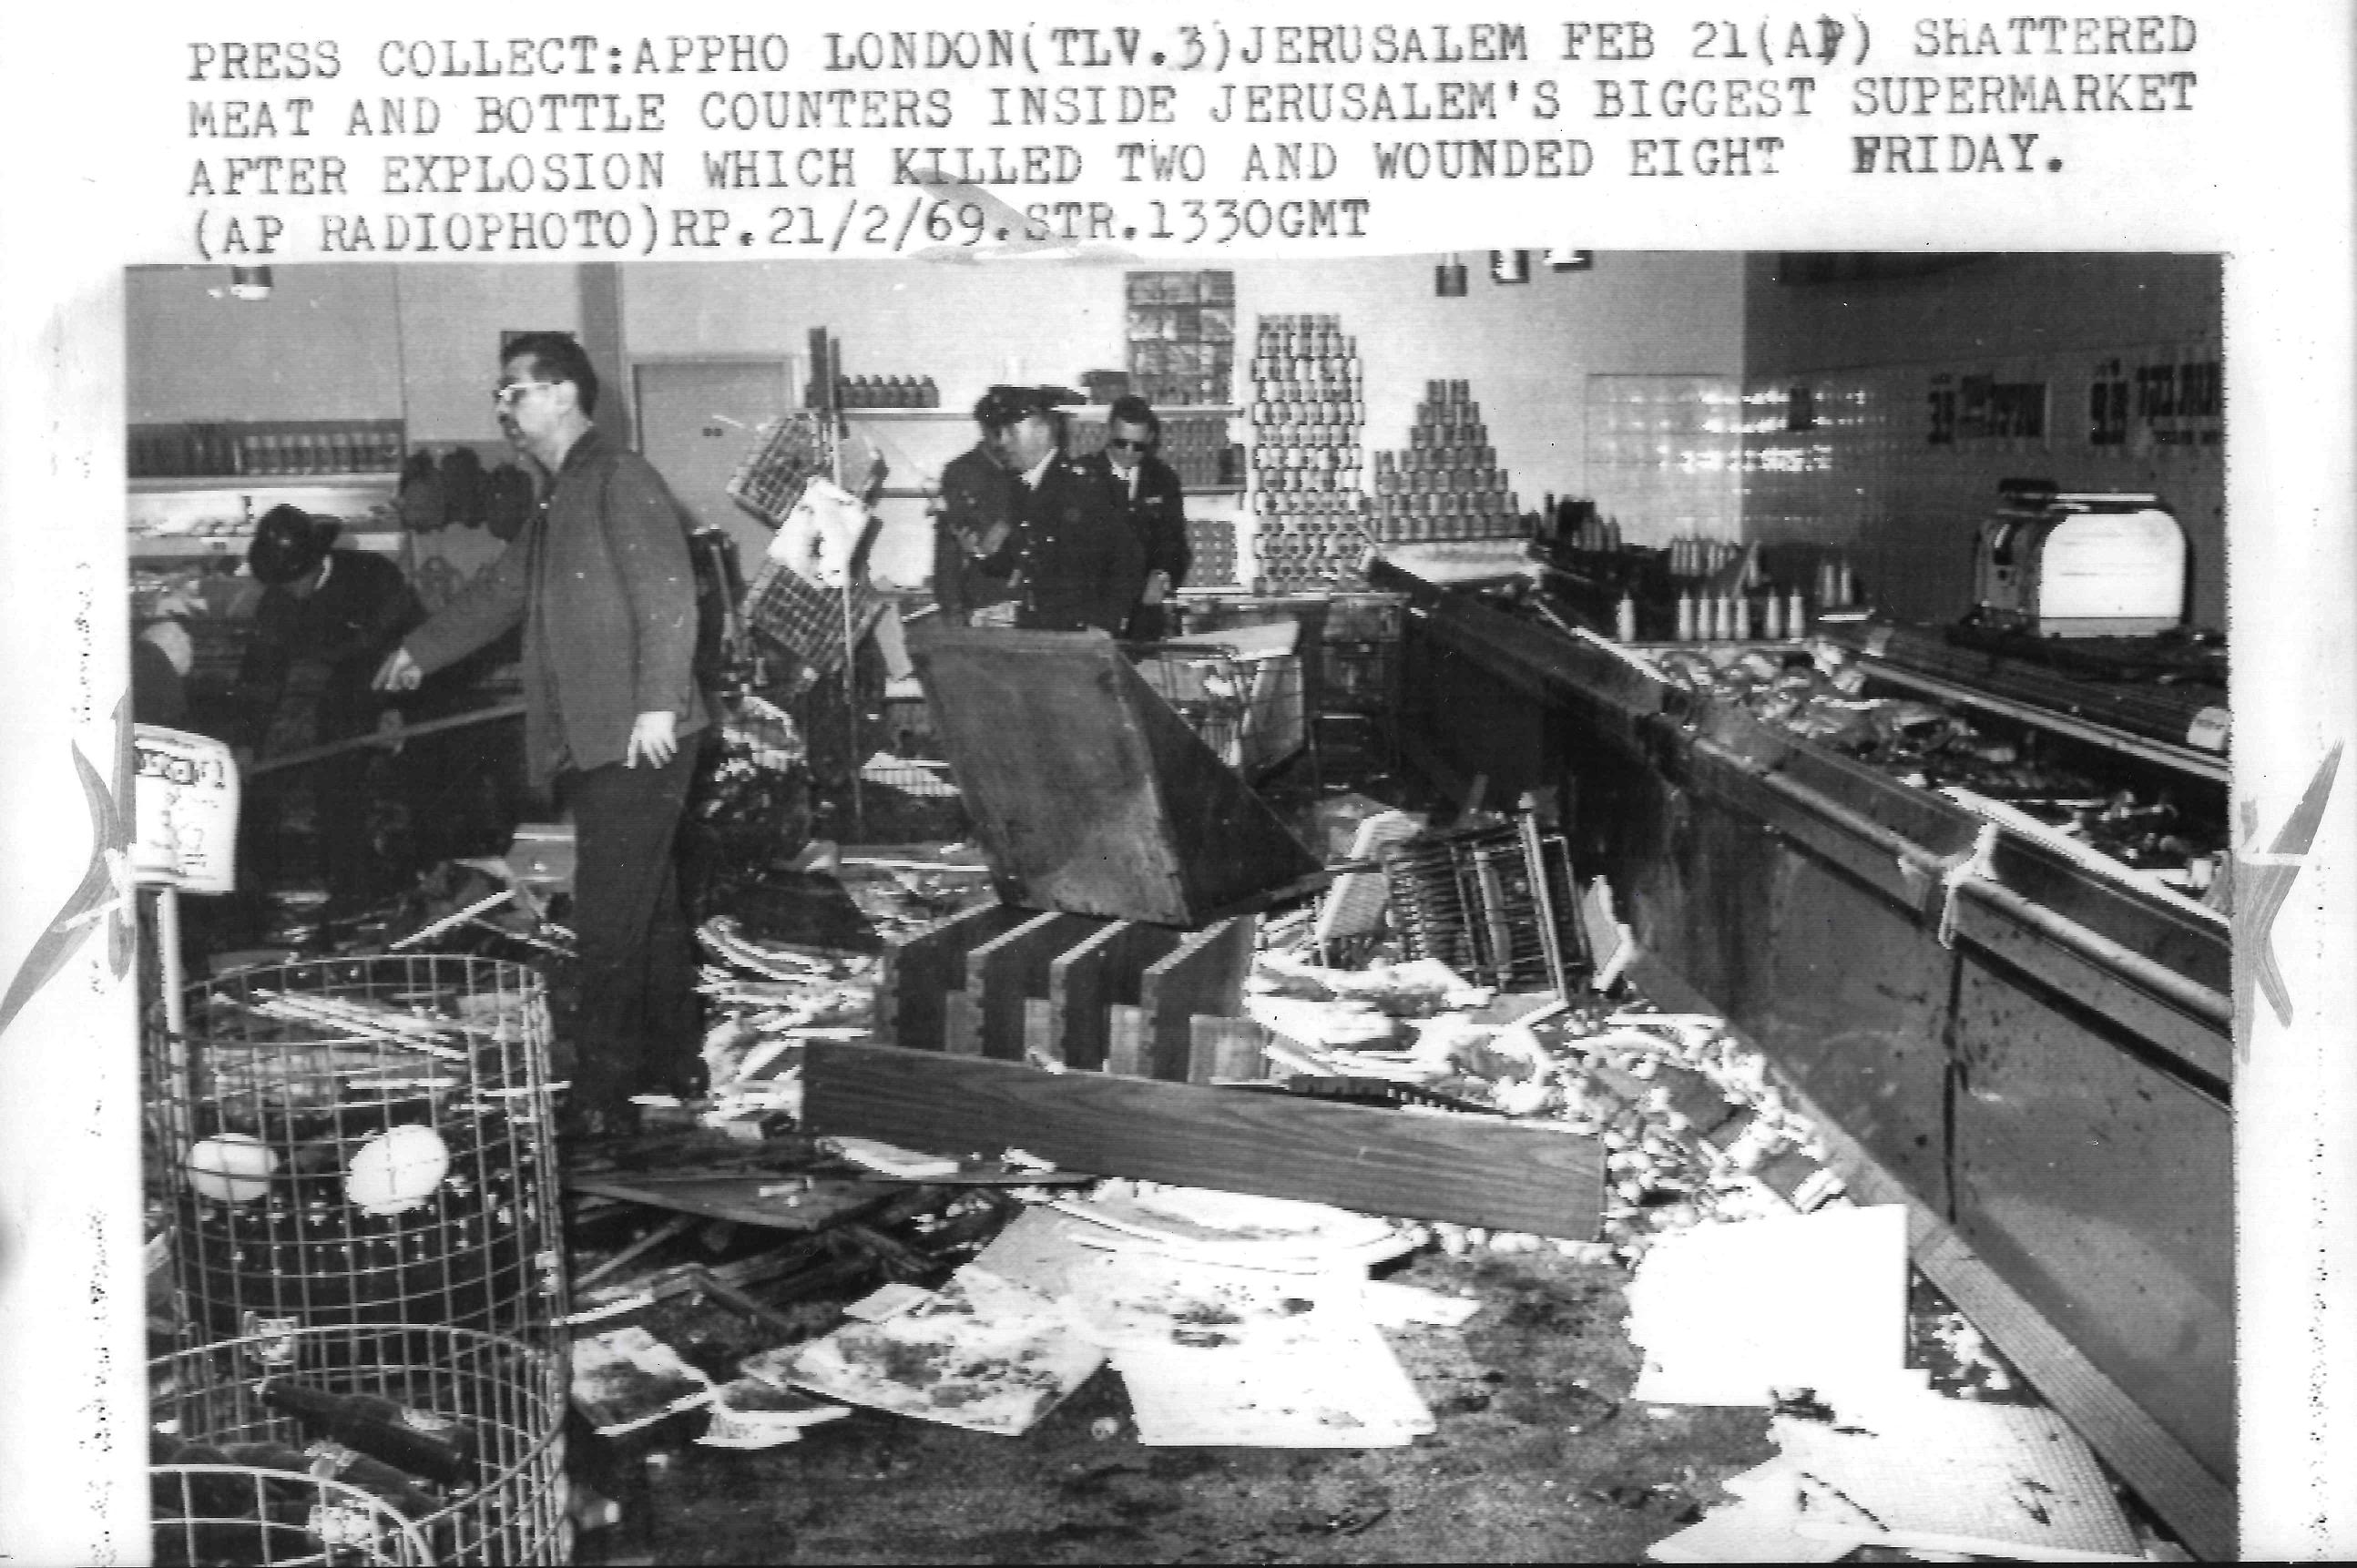 محل تجاري في القدس عام 1969.jpg